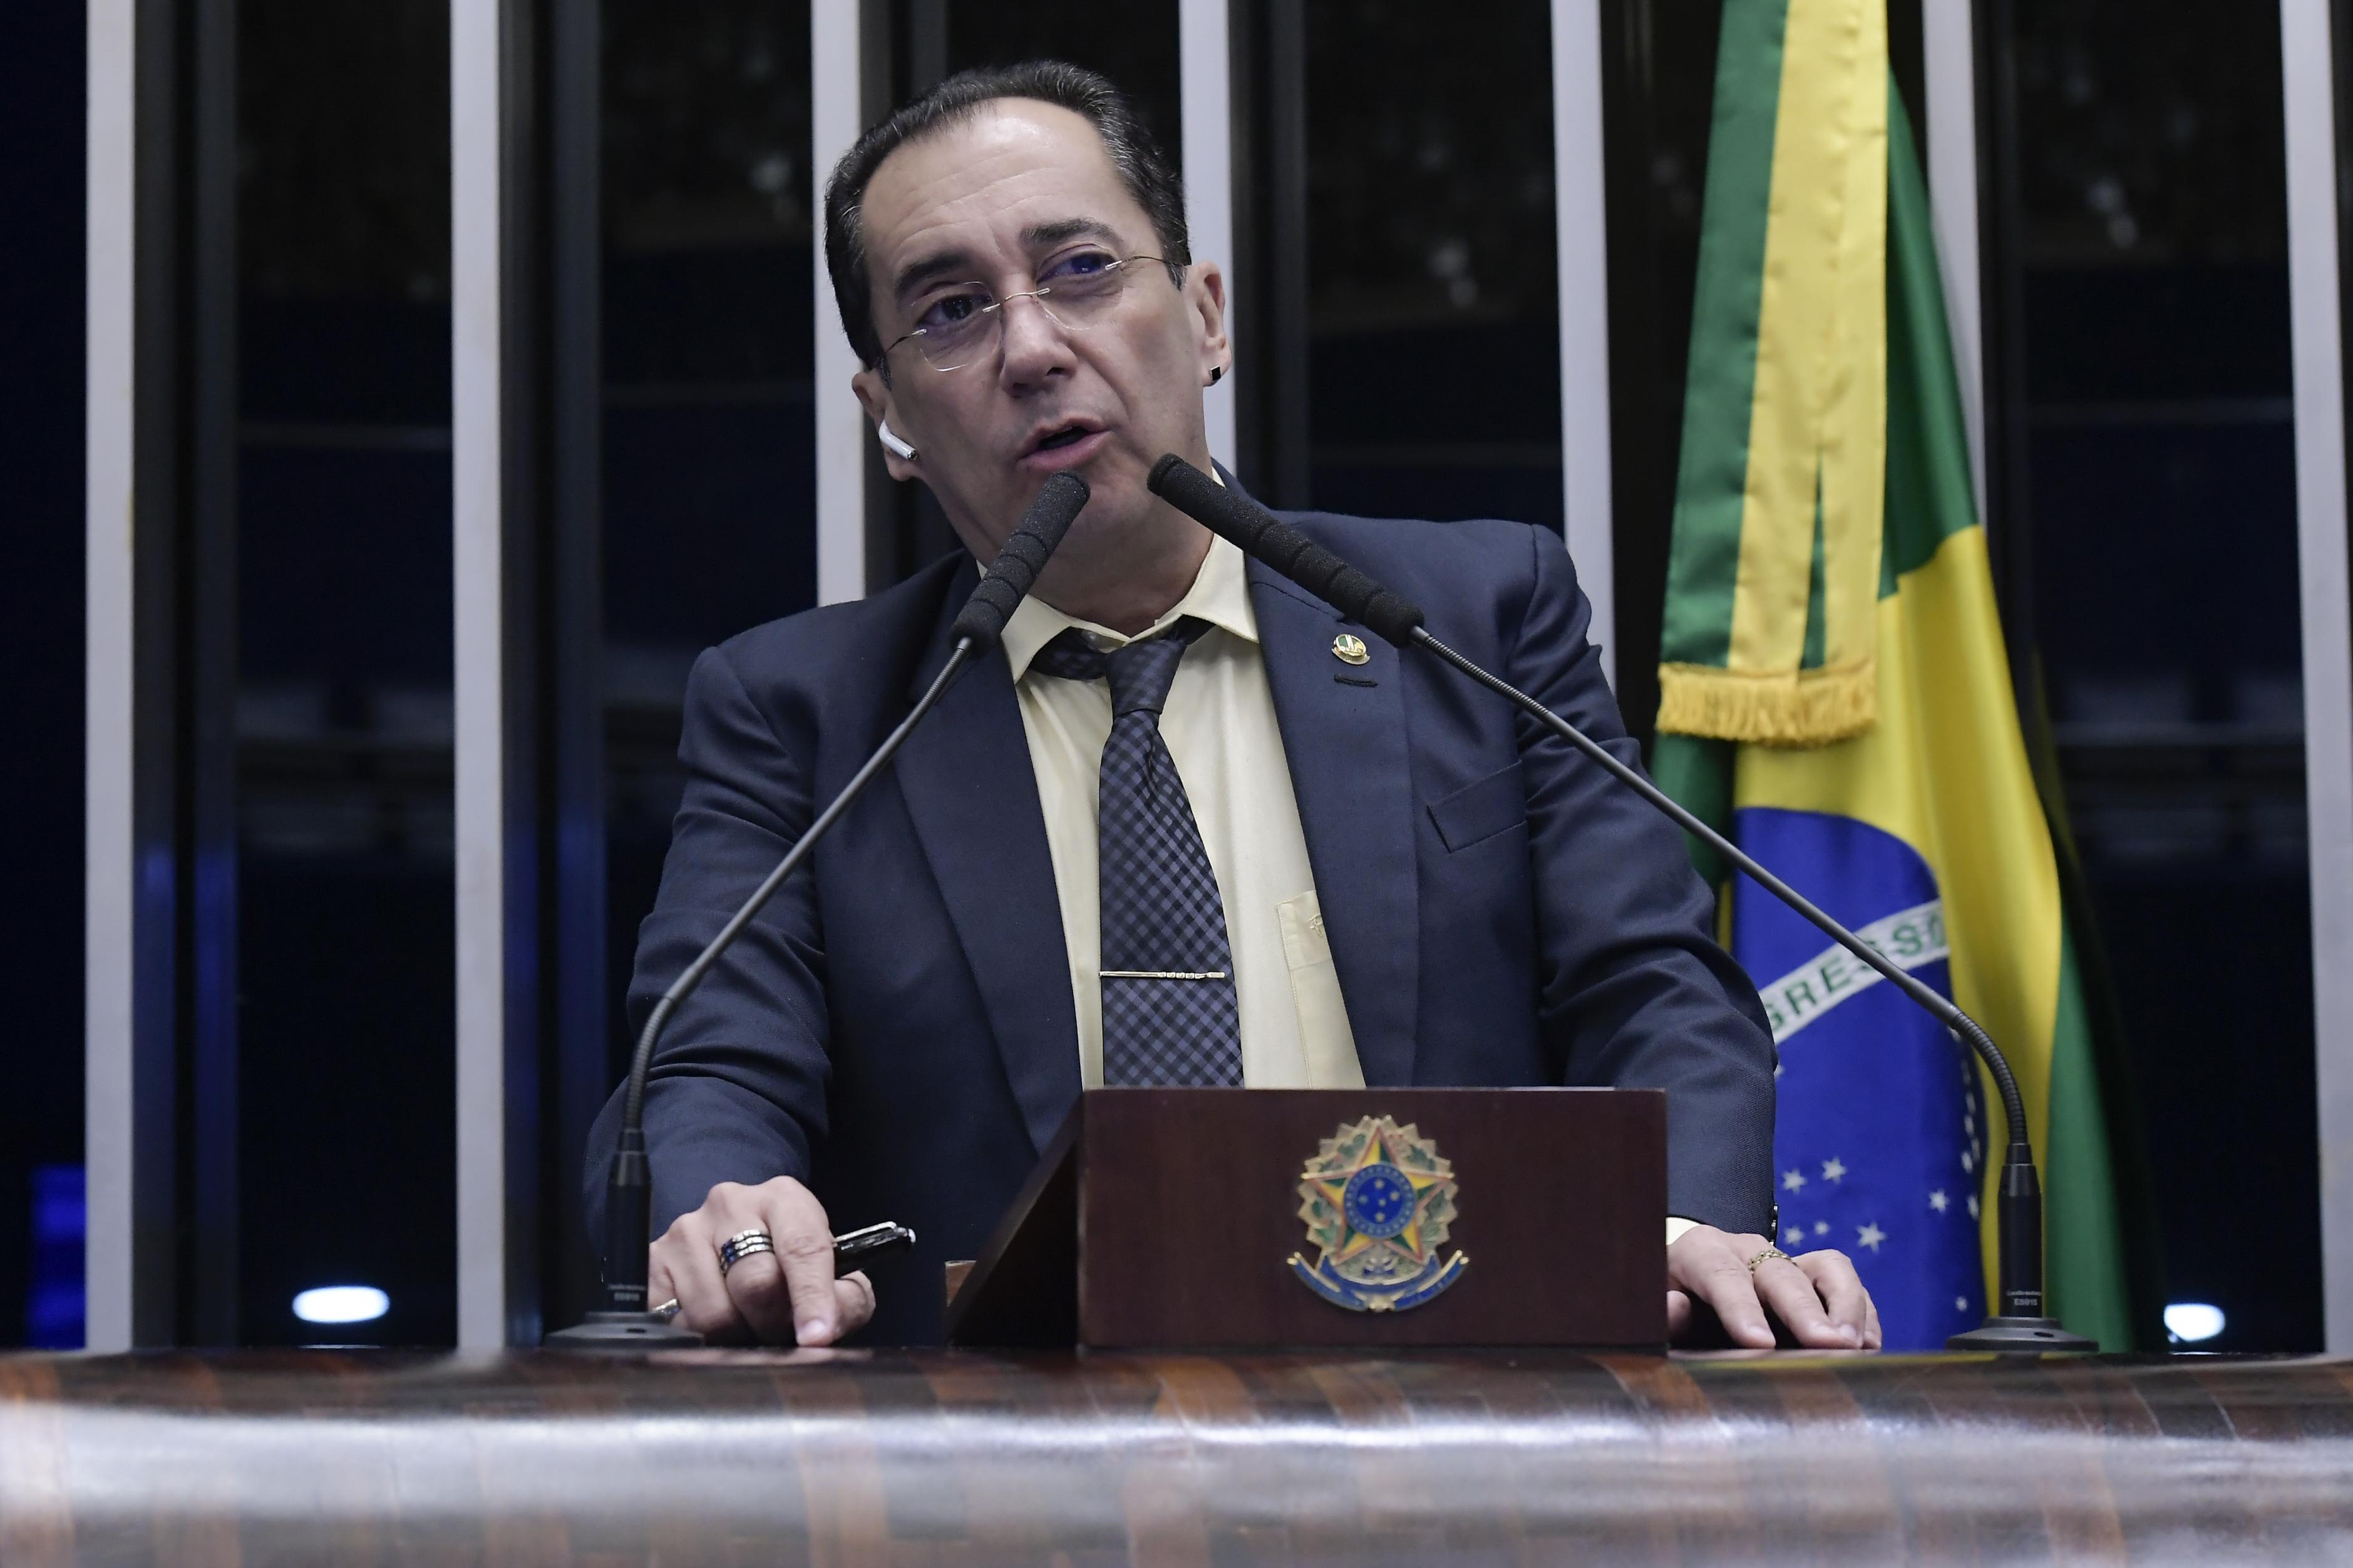 IMAGEM: Bolsonaro disse que 'ia para a porrada' com Randolfe, afirma Kajuru